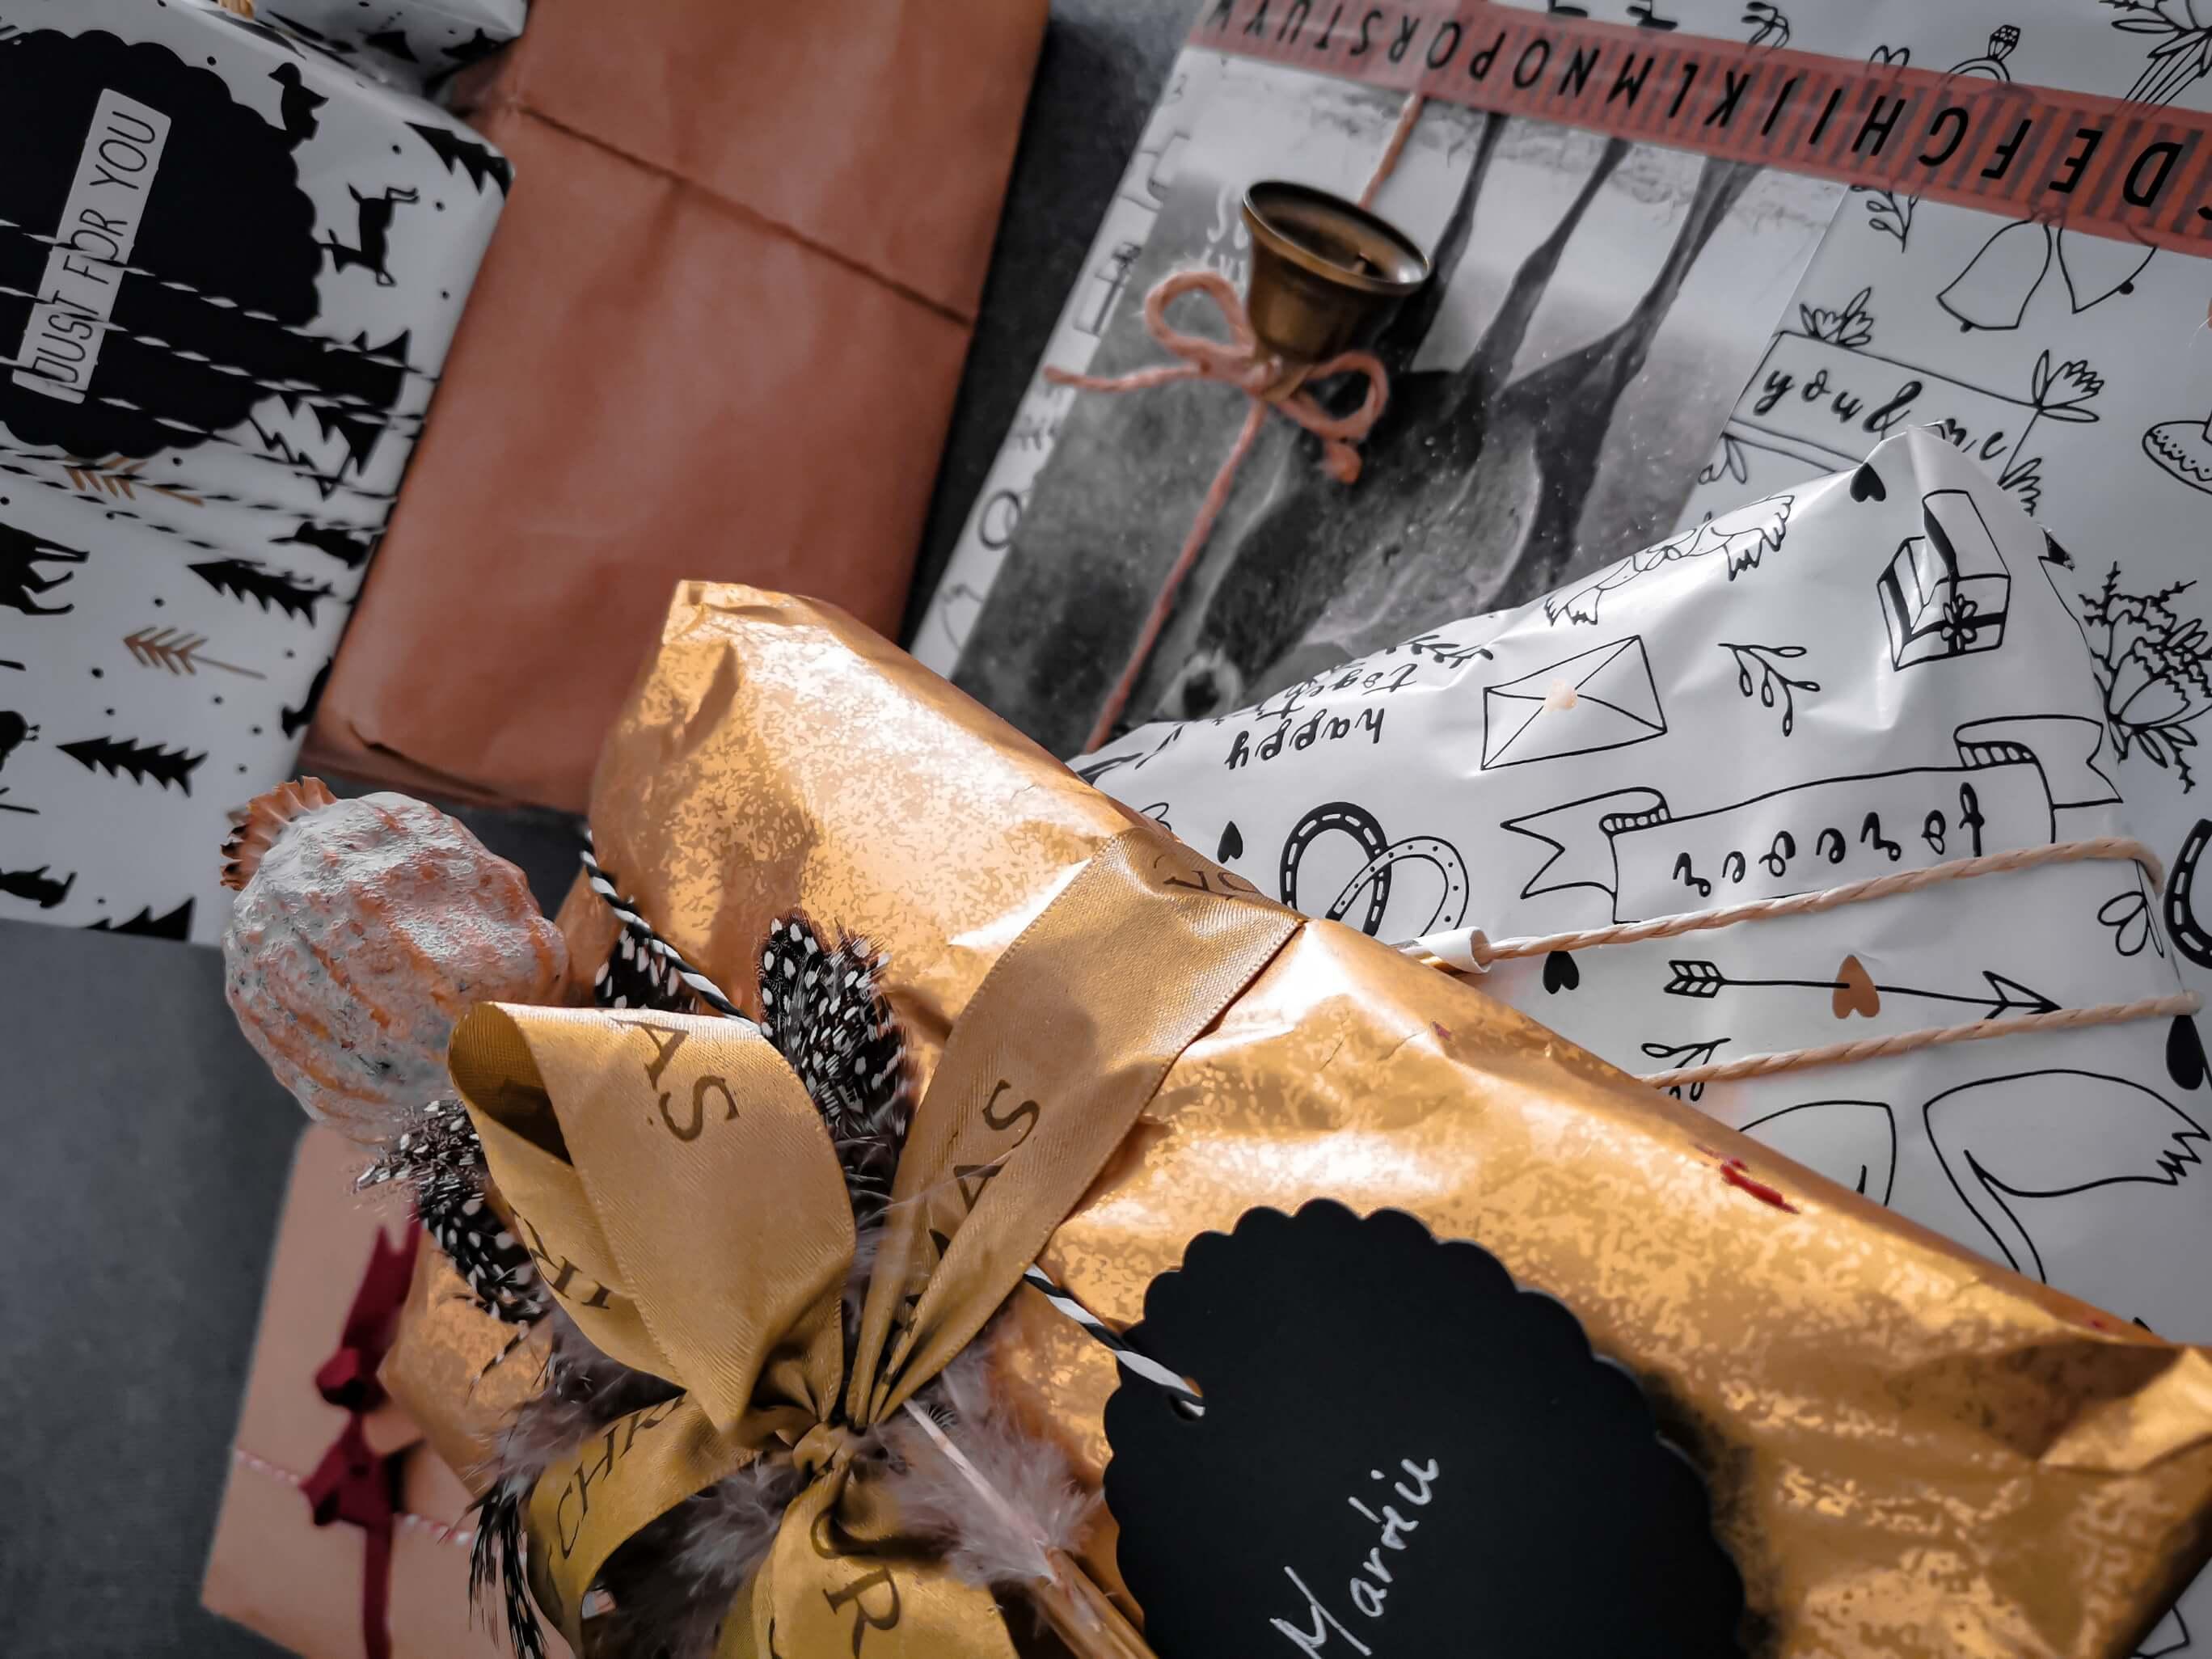 IMG 20191207 105041 2 resized 20191216 090829936 - Geschenke verpacken: 11 kreative Tipps zum Selbermachen